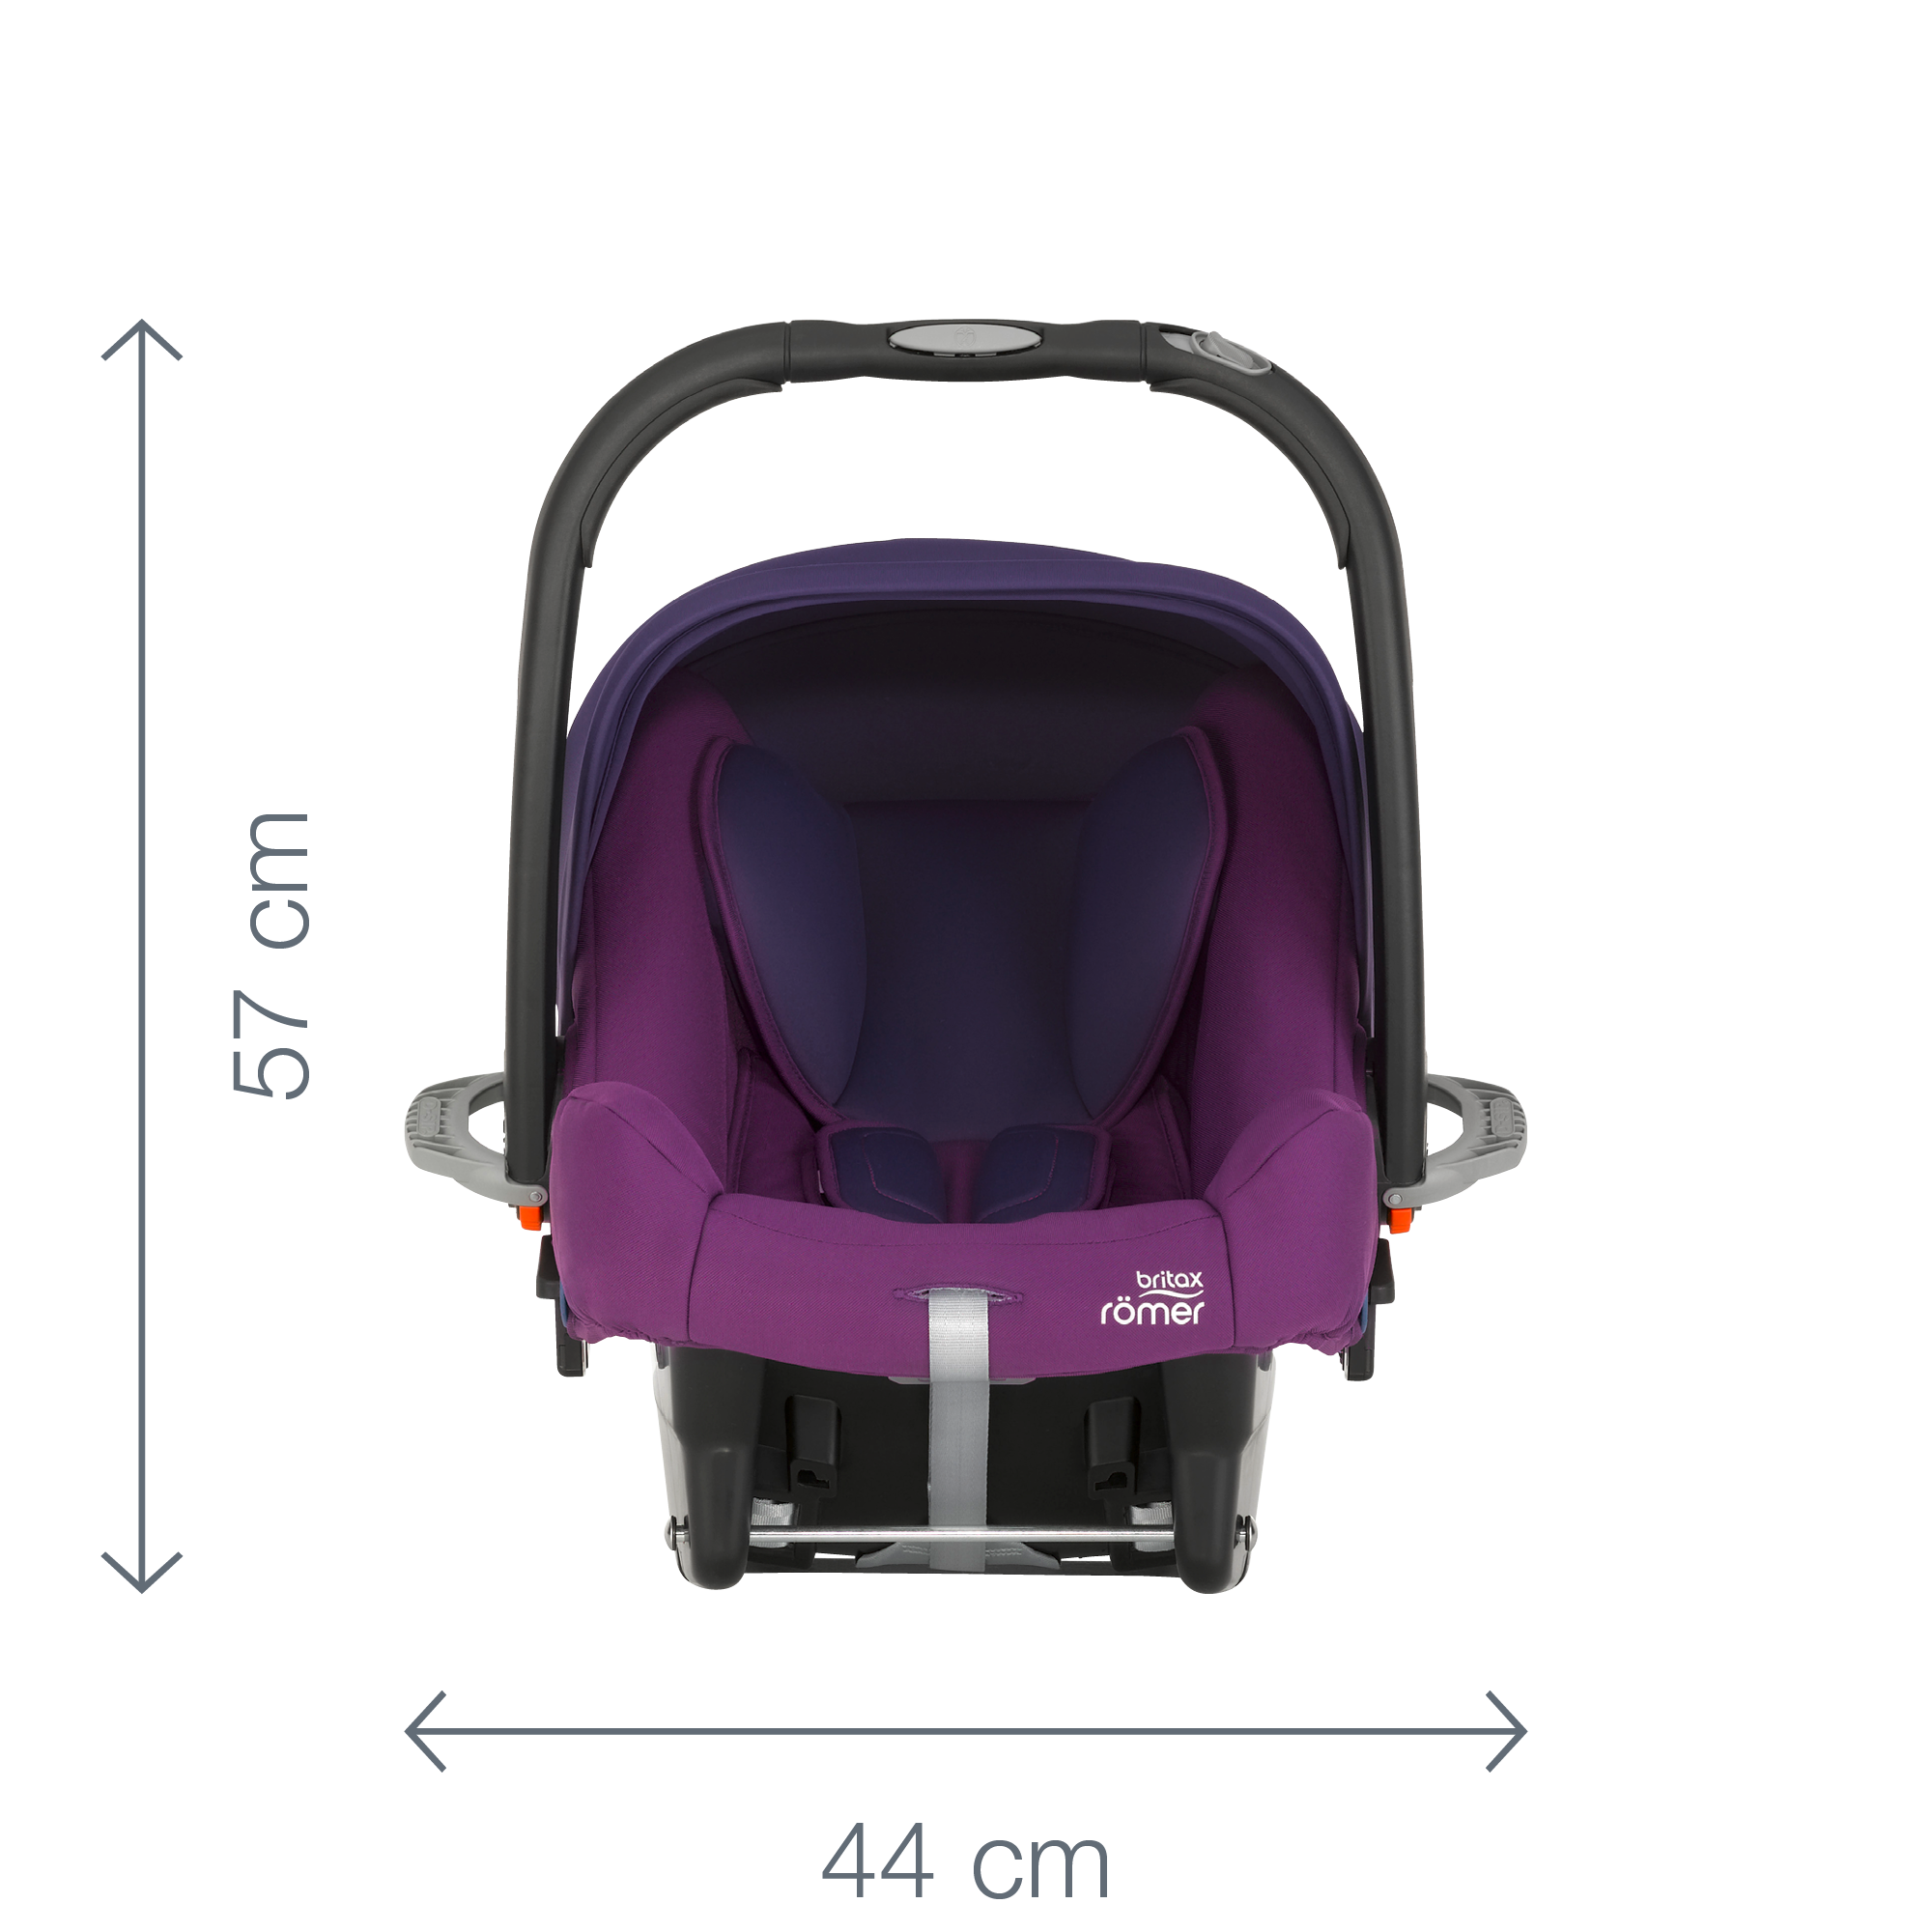 Auto-kindersitze Auto-kindersitze & Zubehör Sonnig Babyschale/autositz Britax Römer Baby-safe Plus Ii